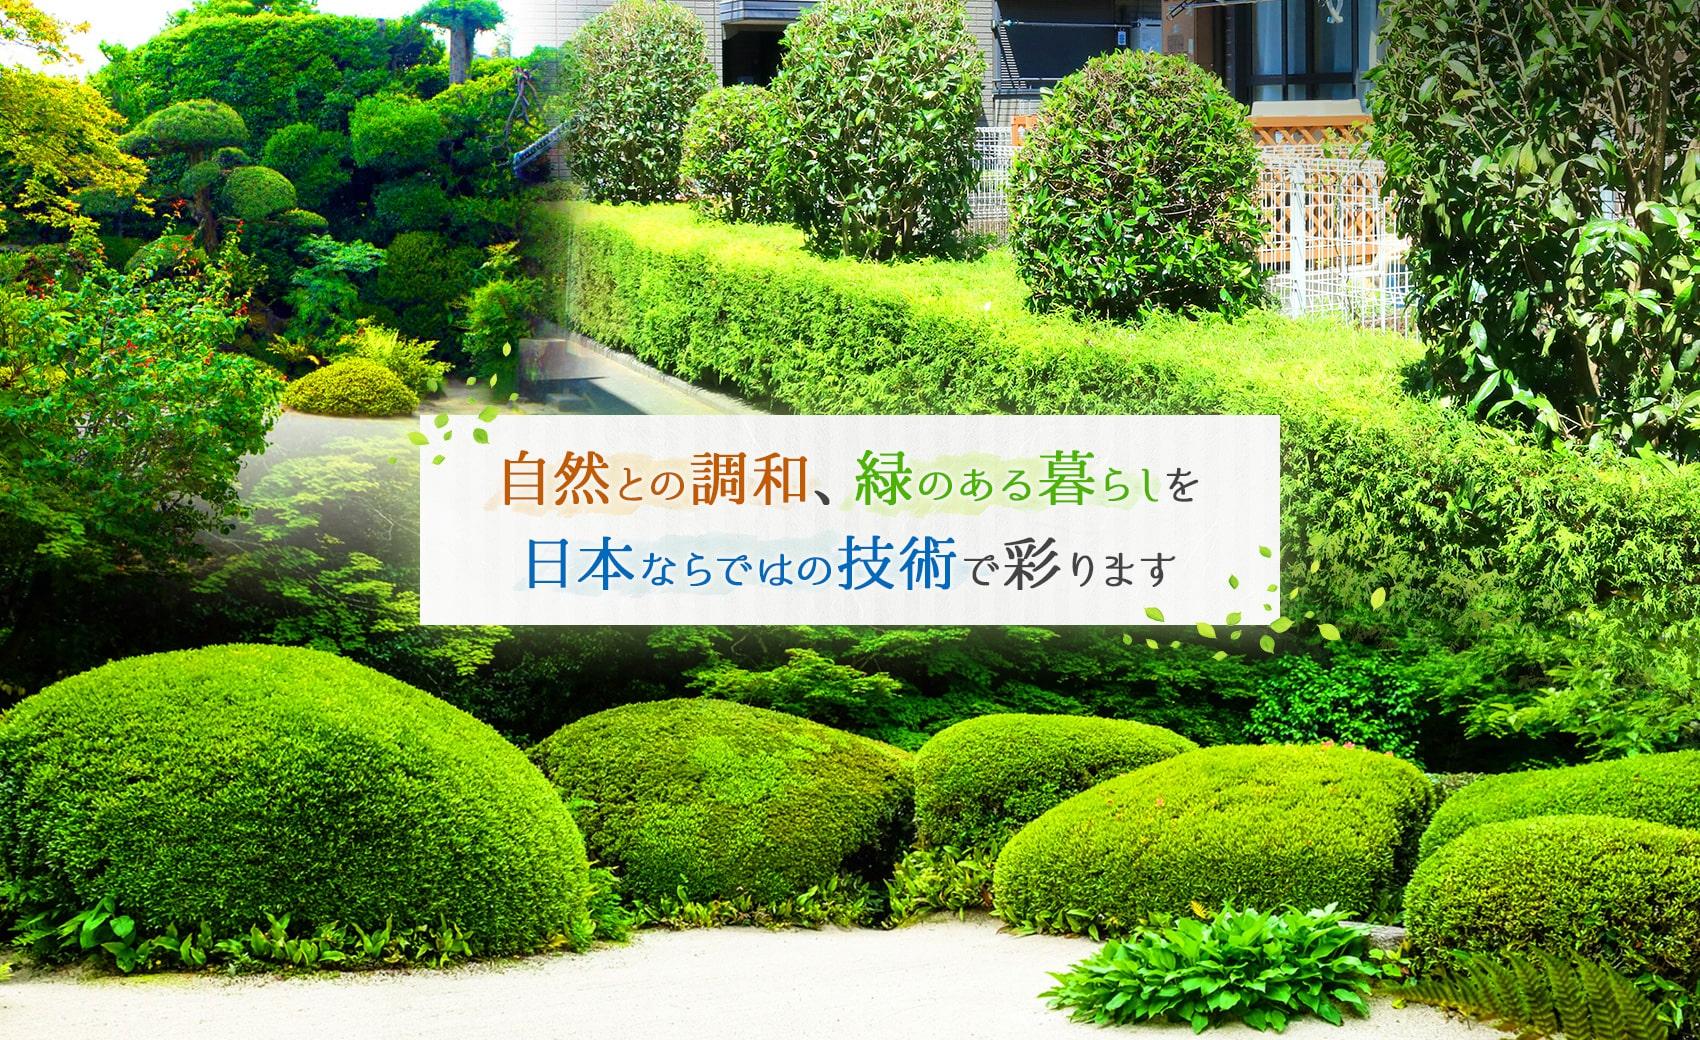 自然との調和、緑のある暮らしを日本ならでは技術で彩ります